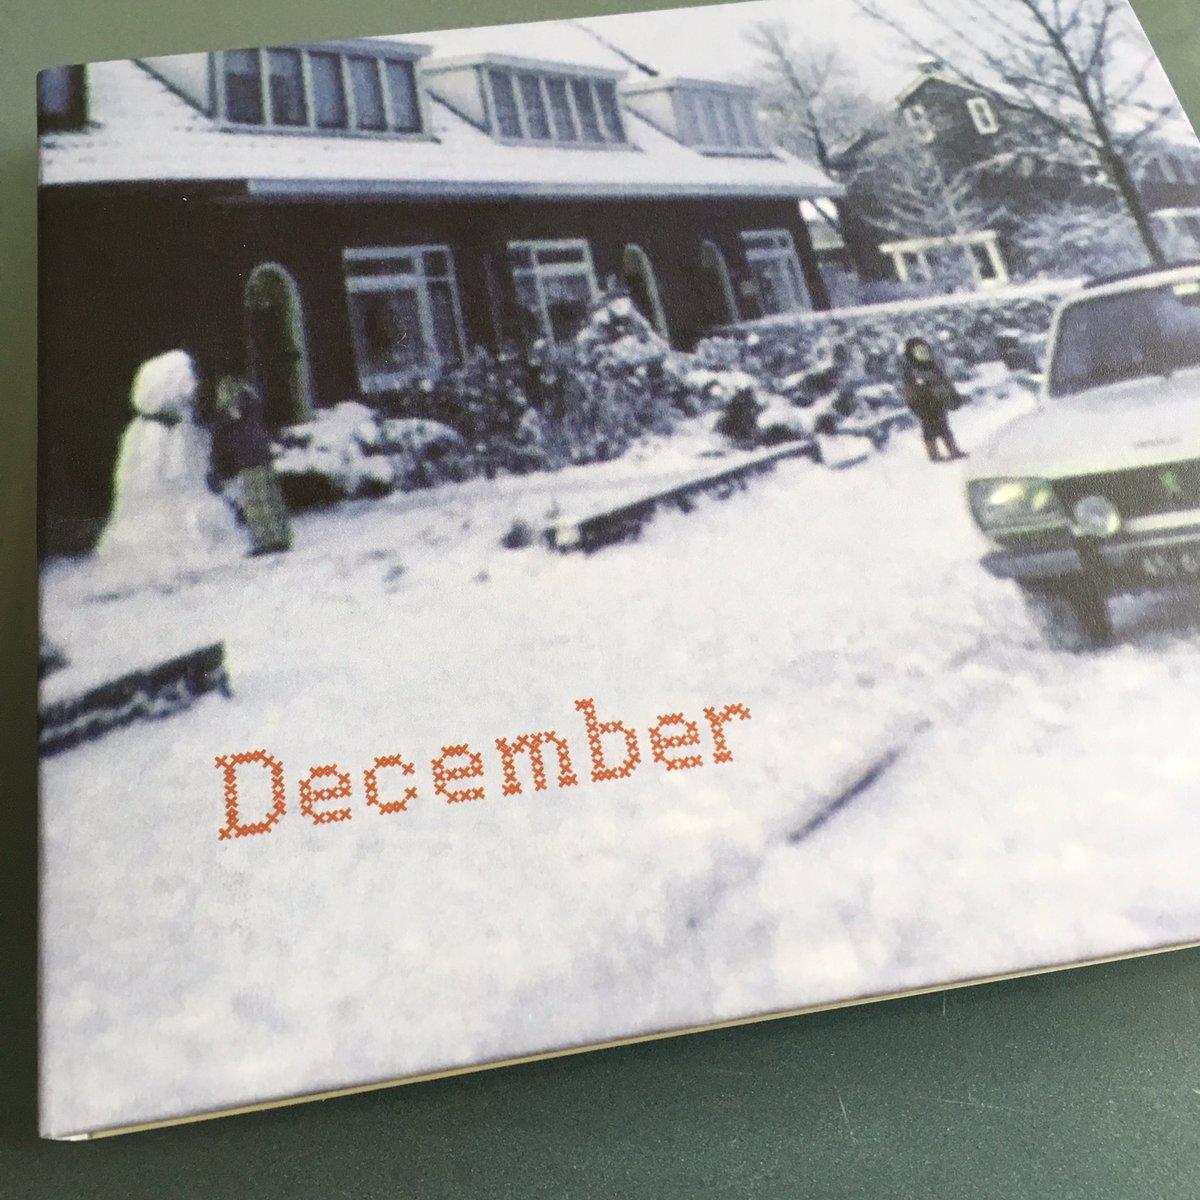 Ben Houdijk On Twitter Kerst Valt Vroeg Dit Jaar Het Kerstalbum